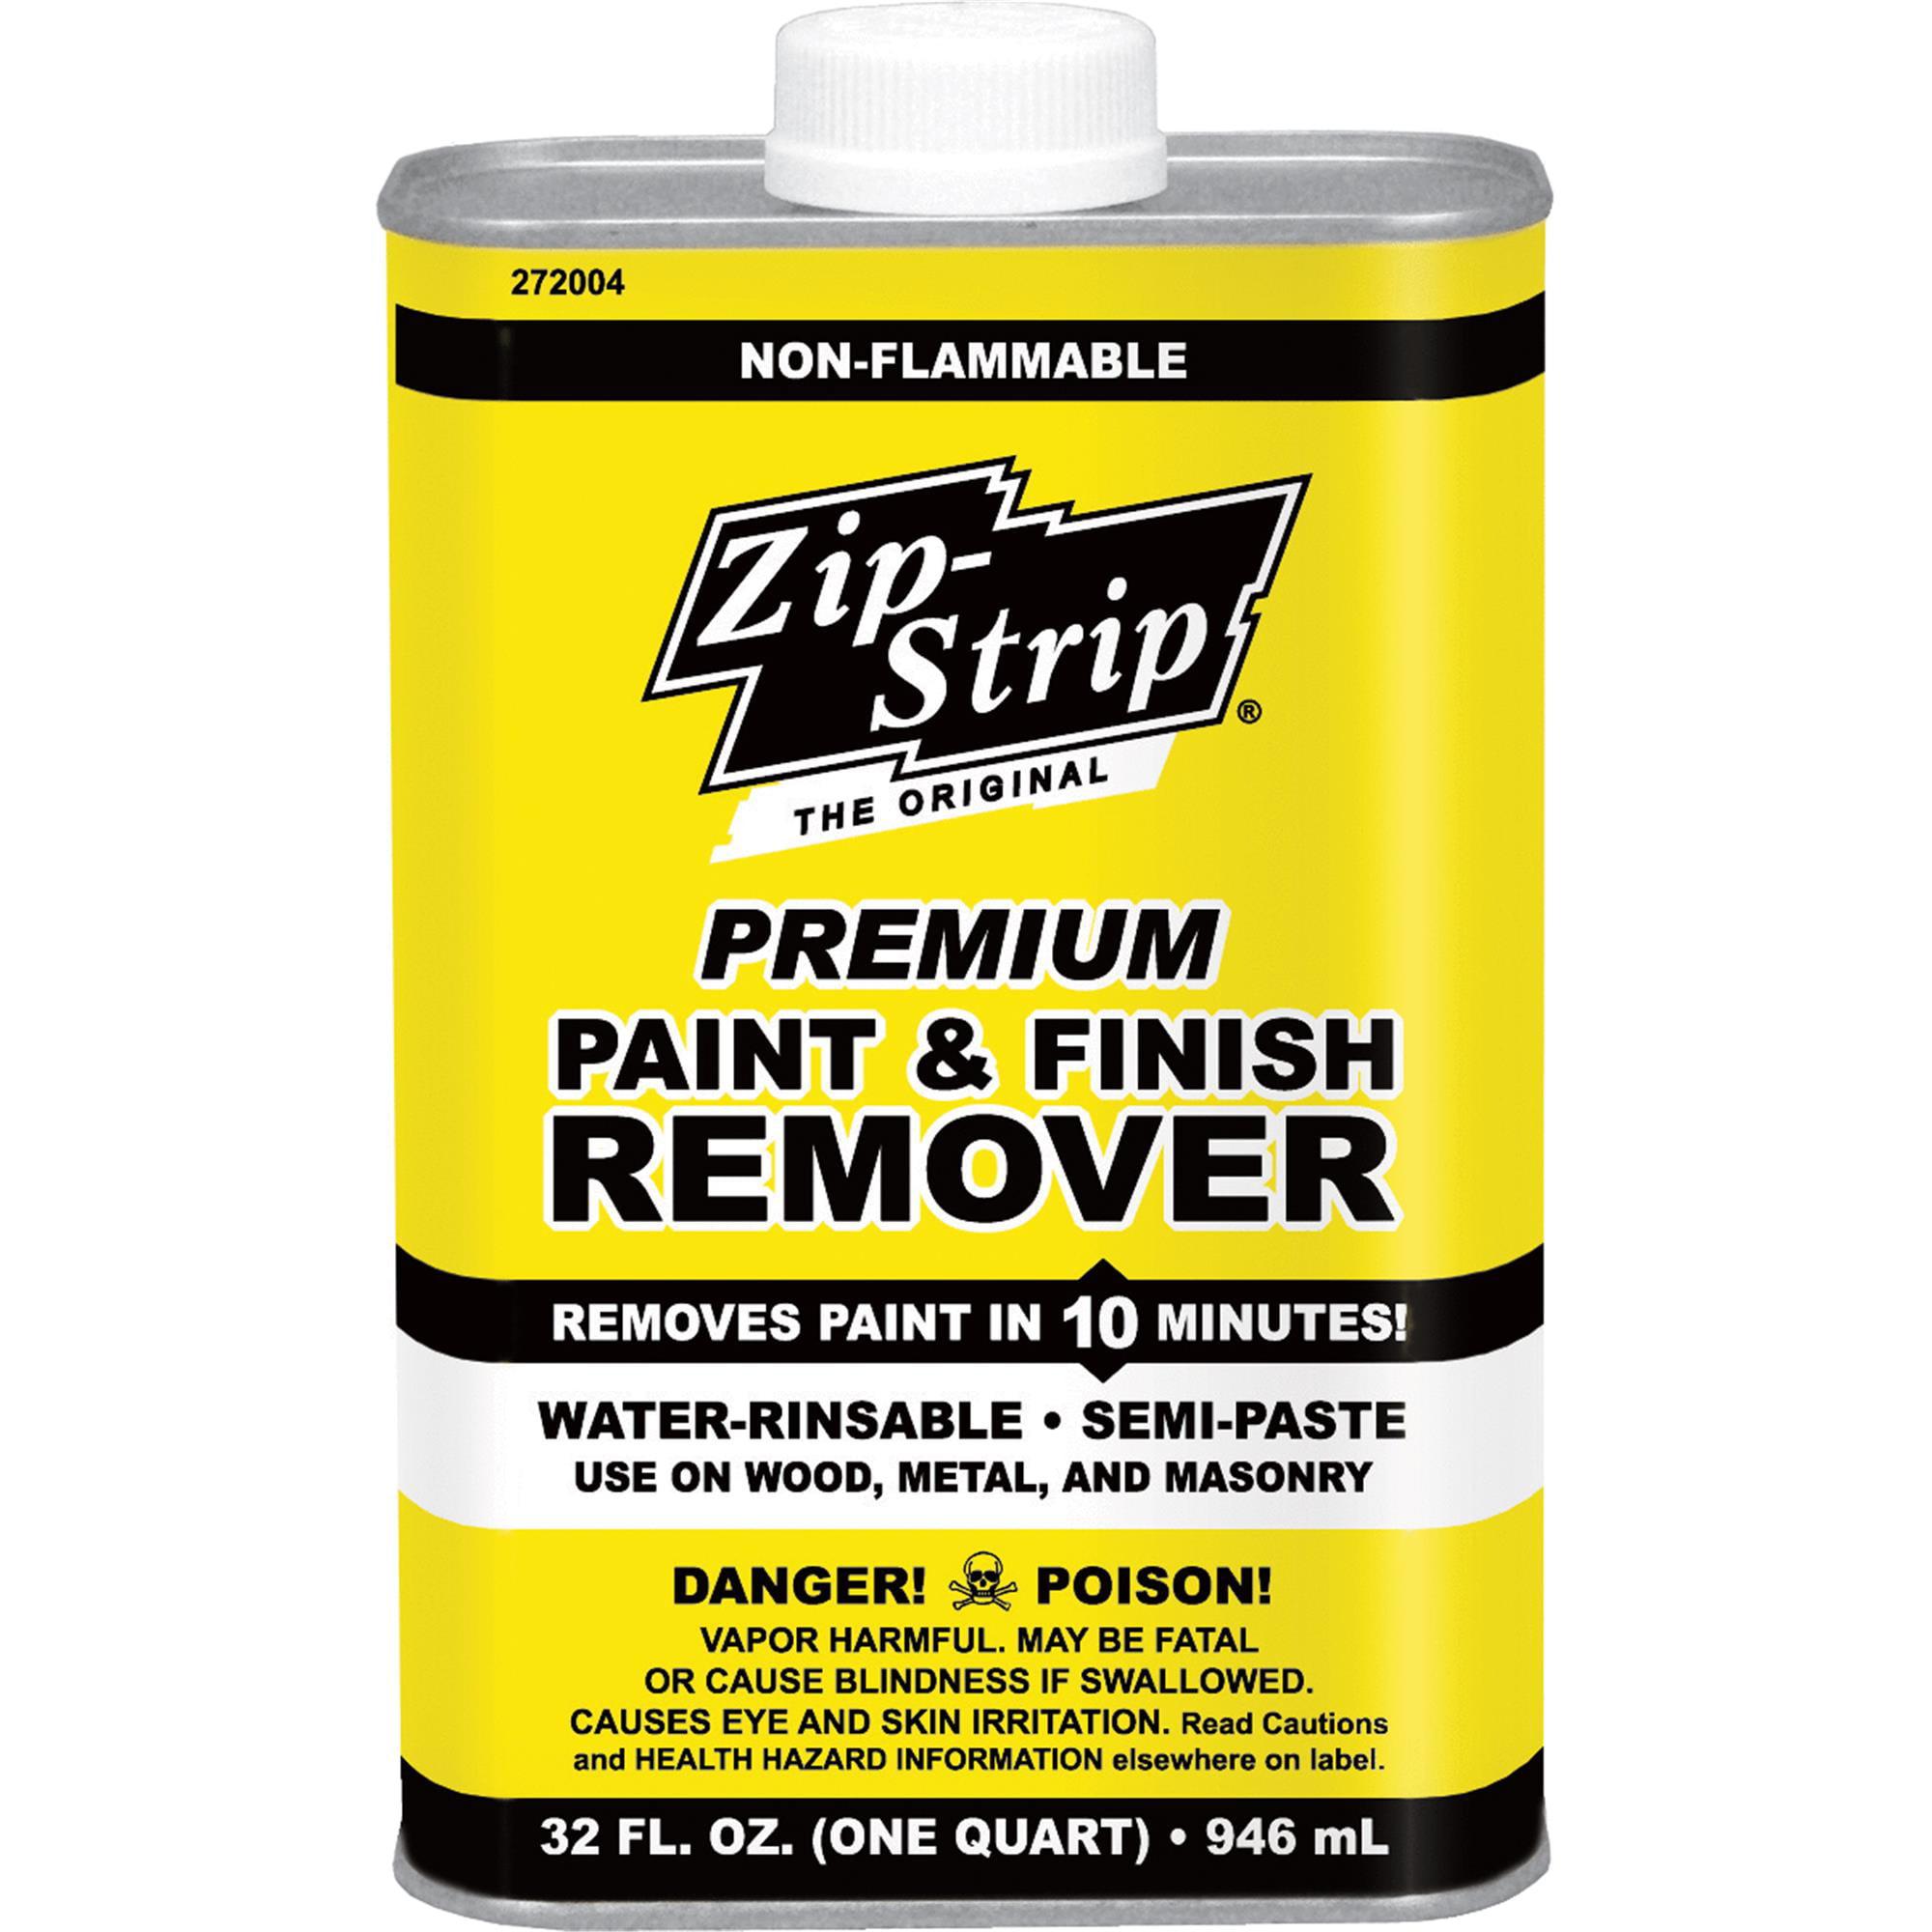 Zip Strip Paint & Varnish Stripper by Star Bronze